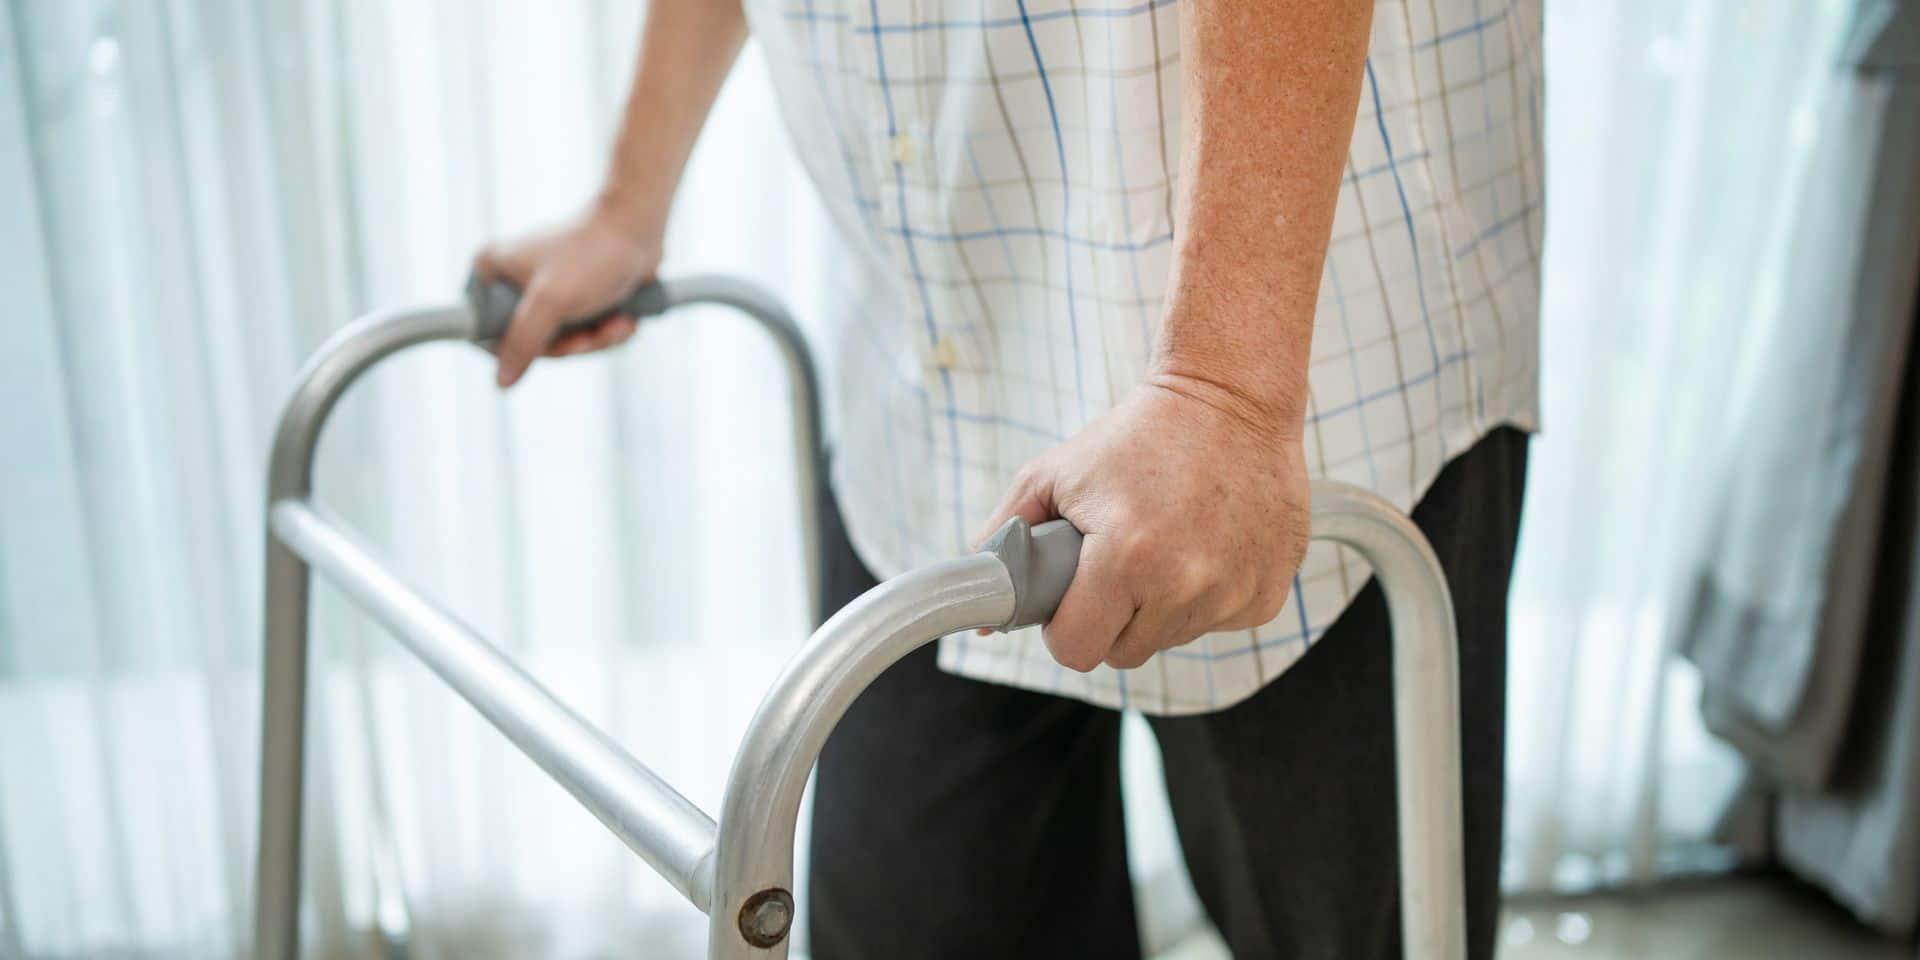 En fauteuil roulant depuis huit ans, il retrouve l'usage de ses jambes après avoir été contaminé par le coronavirus